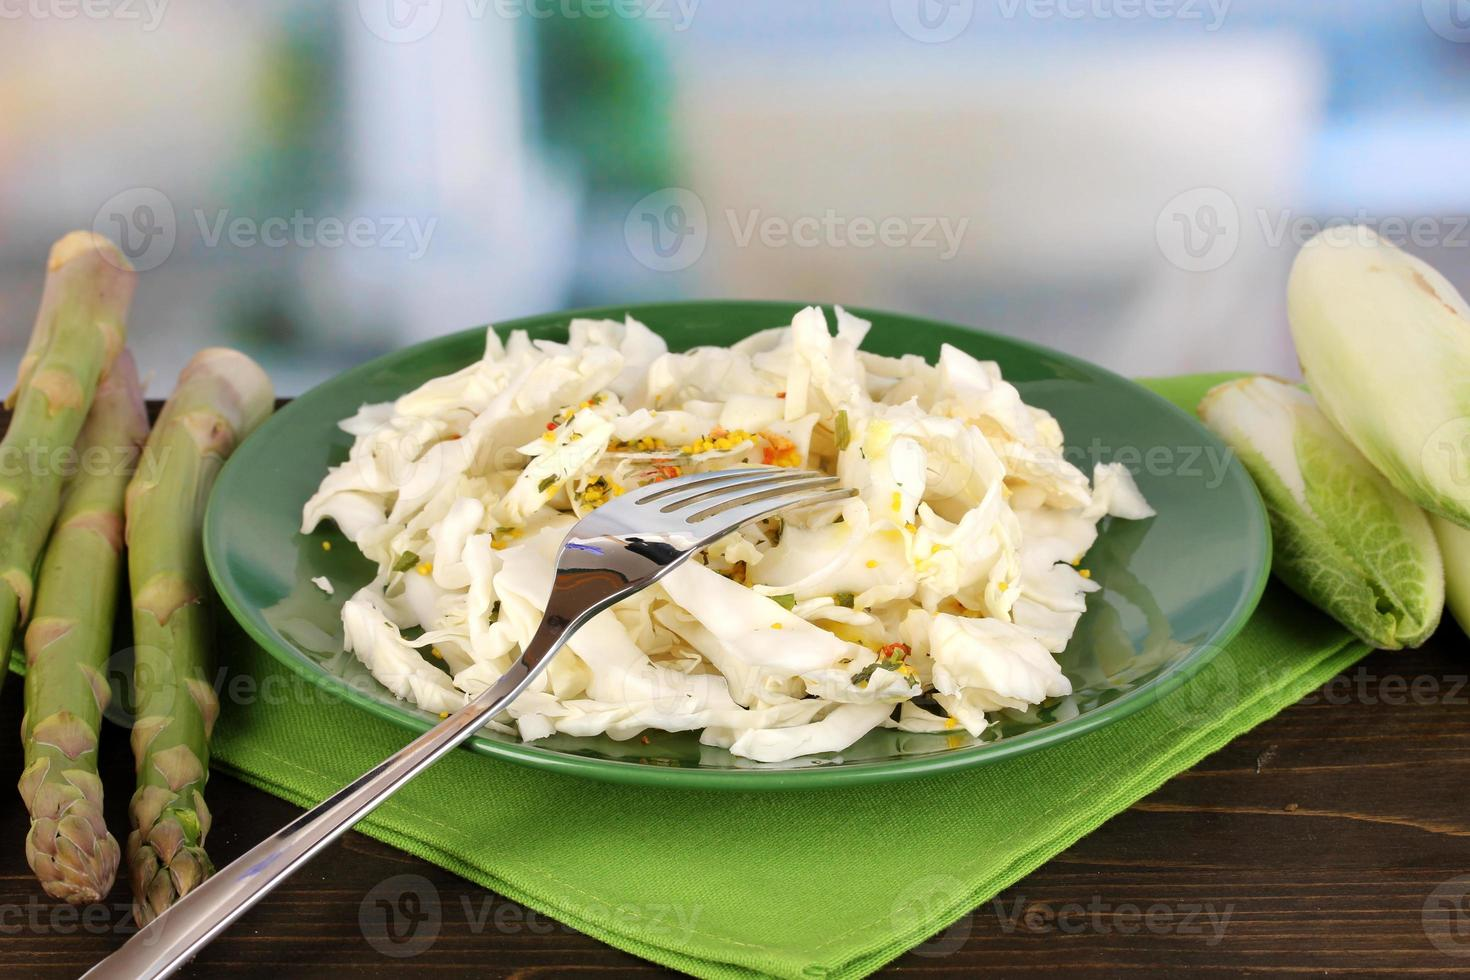 assiette avec salade de chou, asperges et chicorée sur table photo